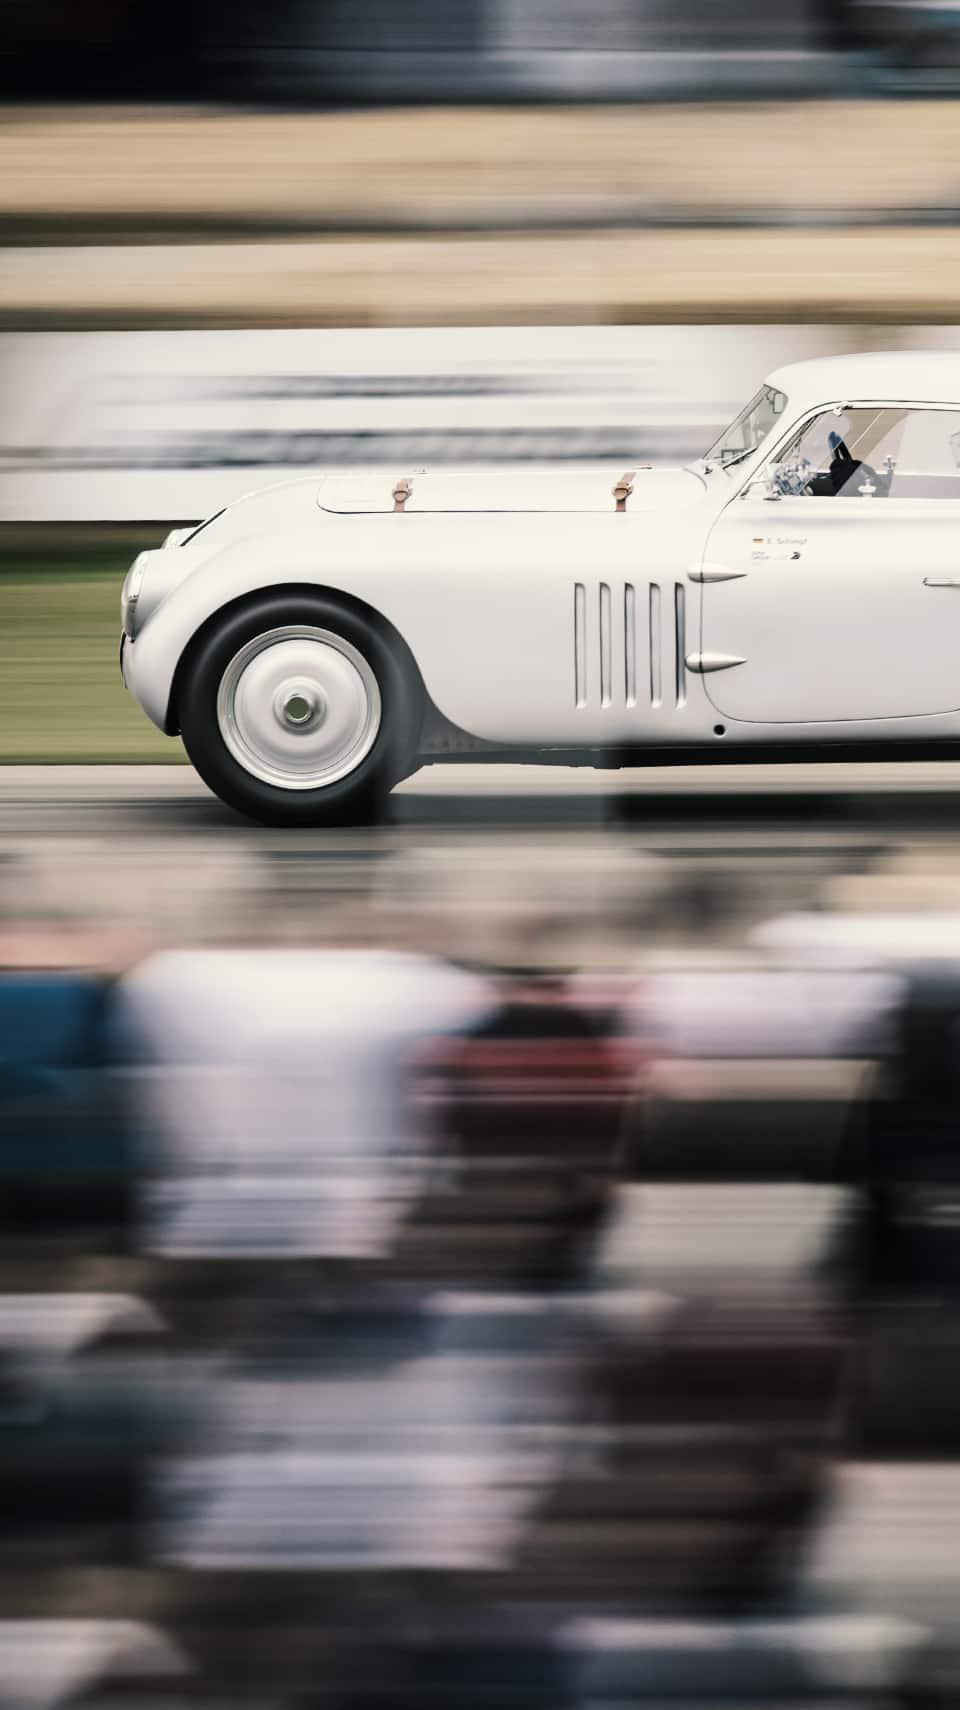 Luxusauto-Events: Luxussportwagen, exklusive Clubs und Partys